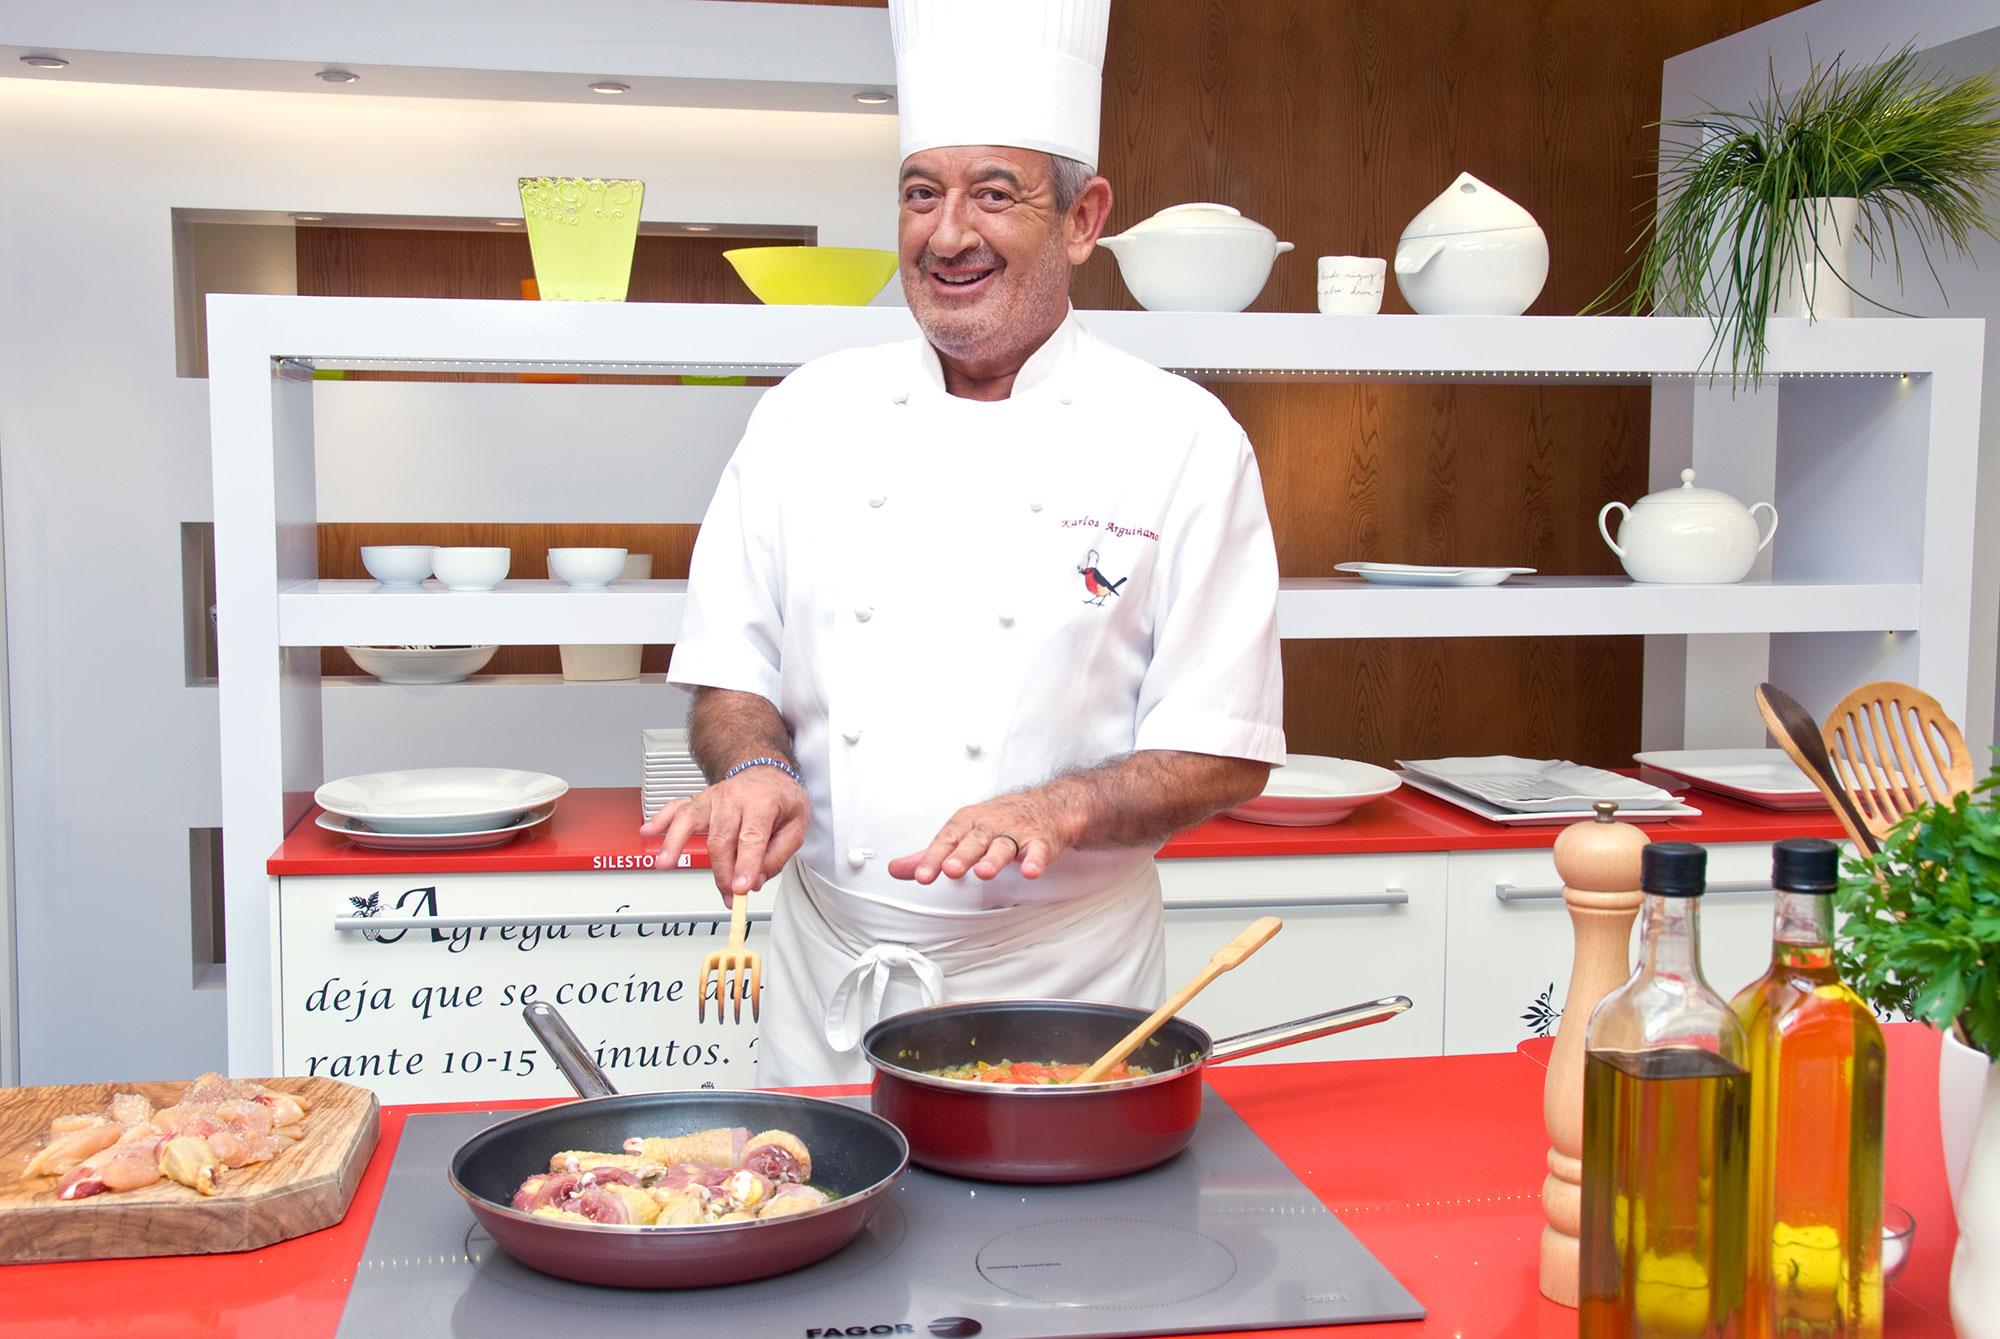 Karlos argui ano en tu cocina ventas internacionales for Cocina karlos arguinano